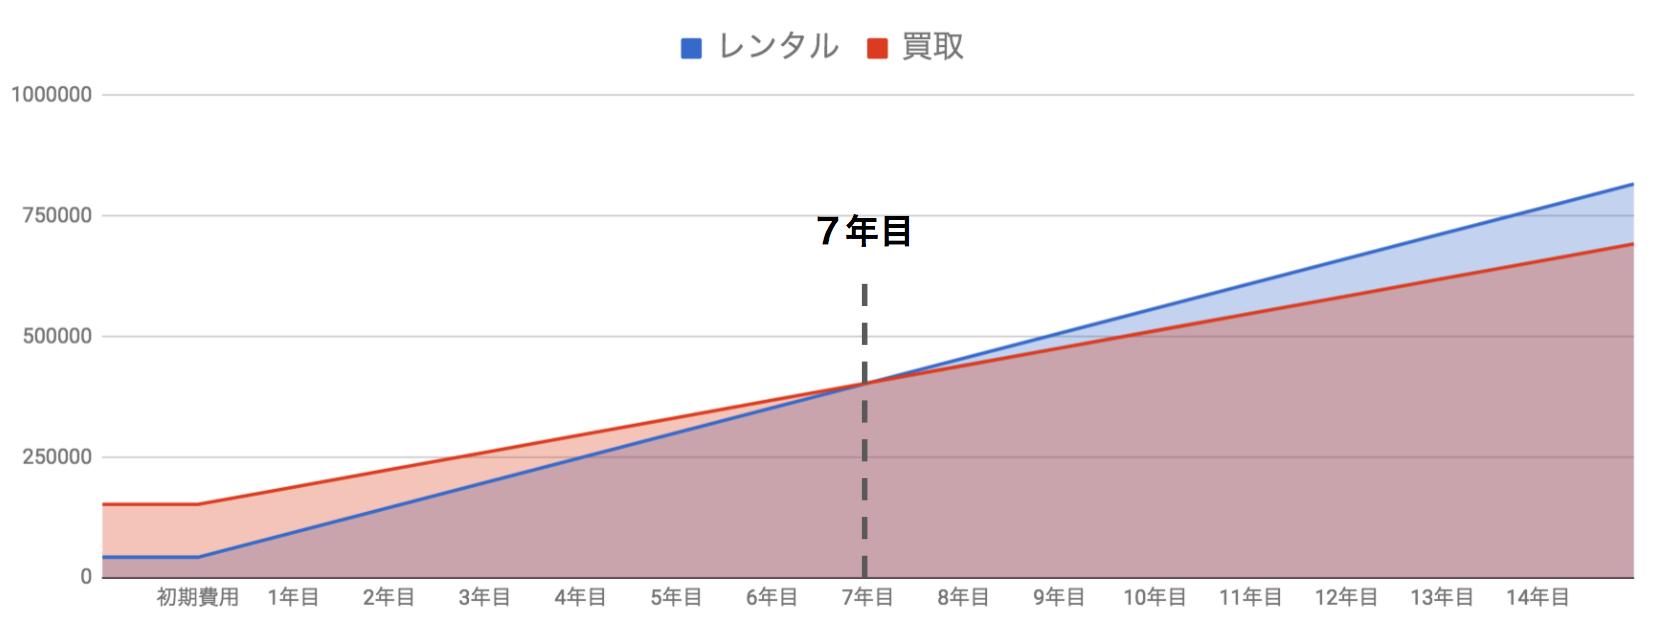 レンタルと買取の料金推移(年別)